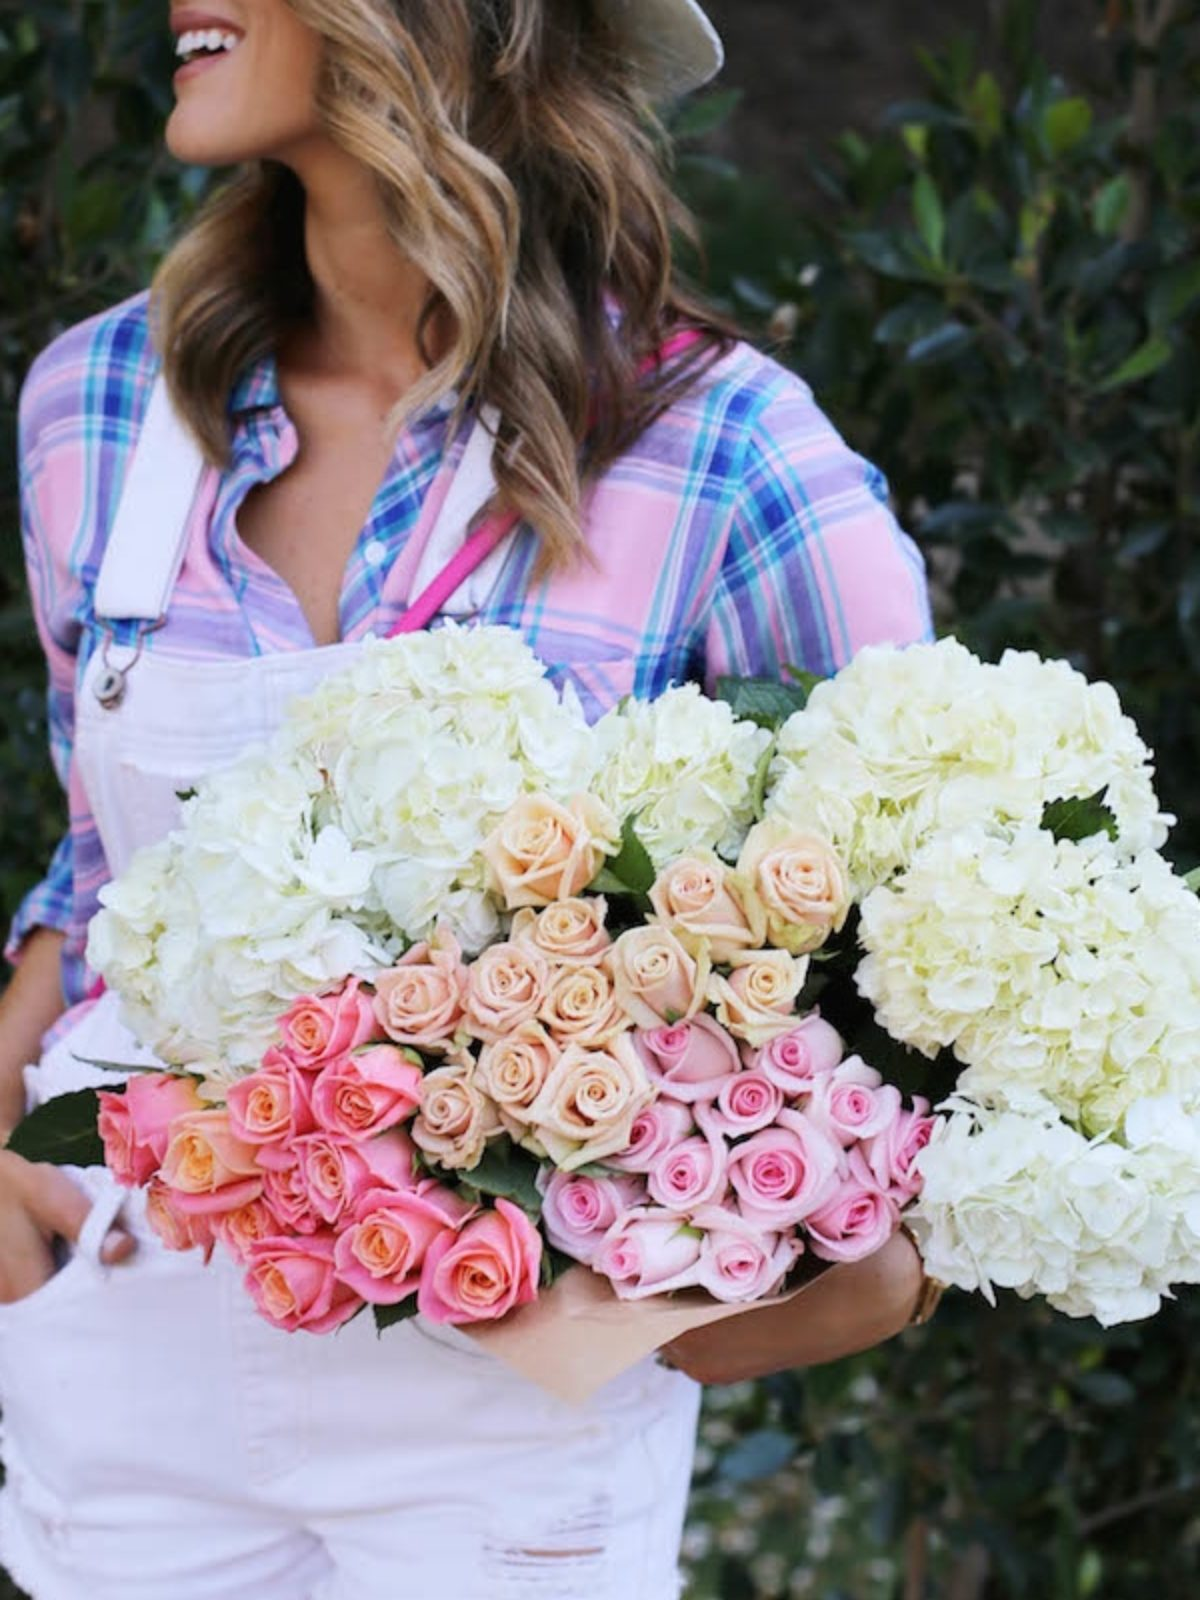 overalls_blooms_sbk_8 Edit 1